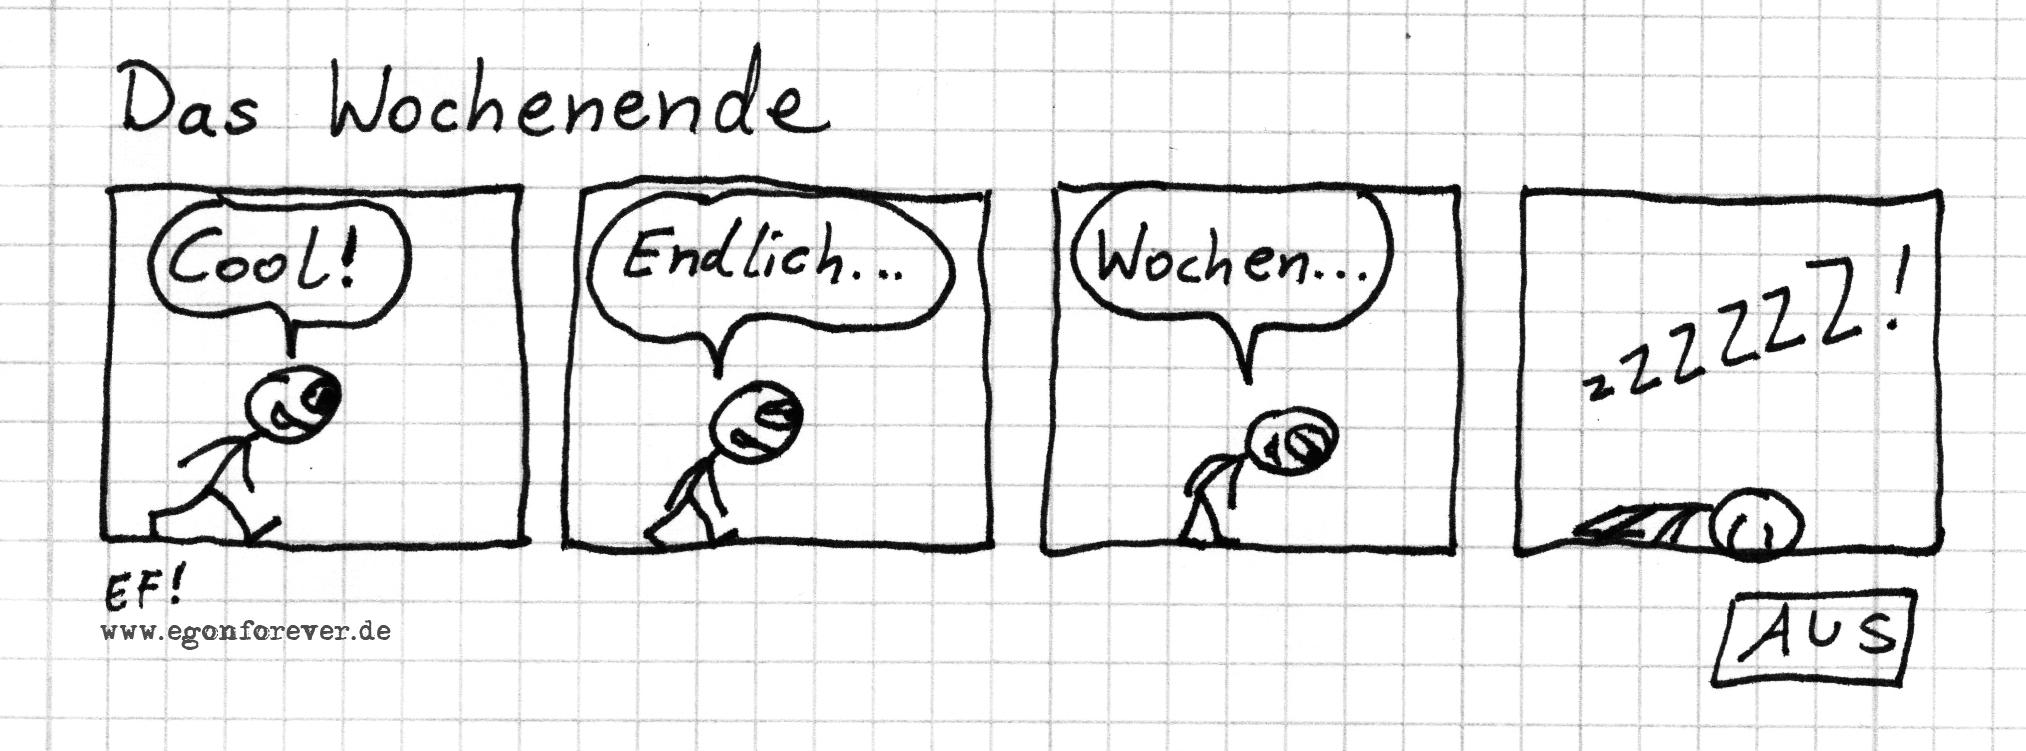 daswochenende-egonforever-cartoon